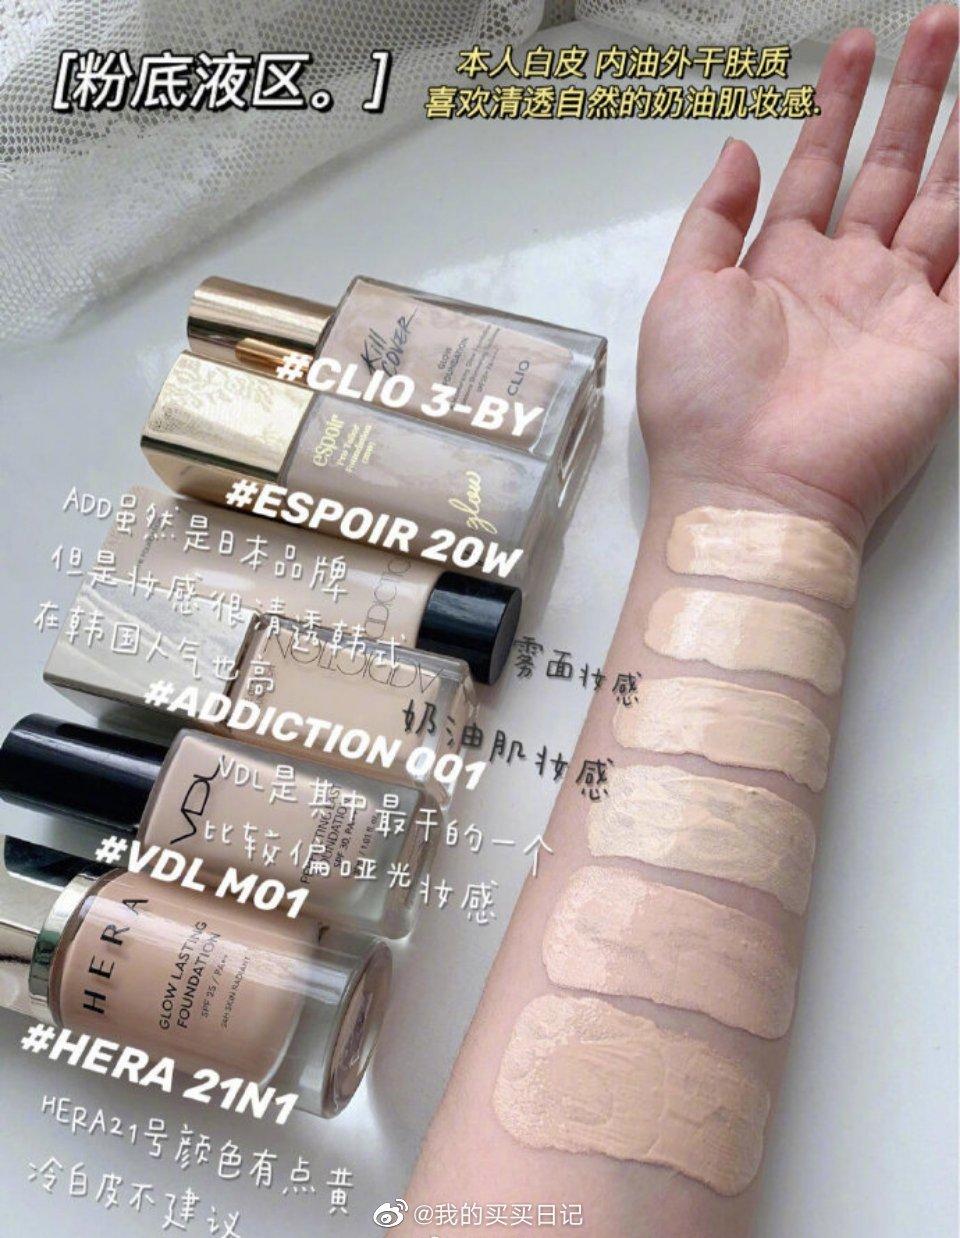 韩国女生爱用的奶油肌粉底液隔离定妆分享啦~cr :二莹